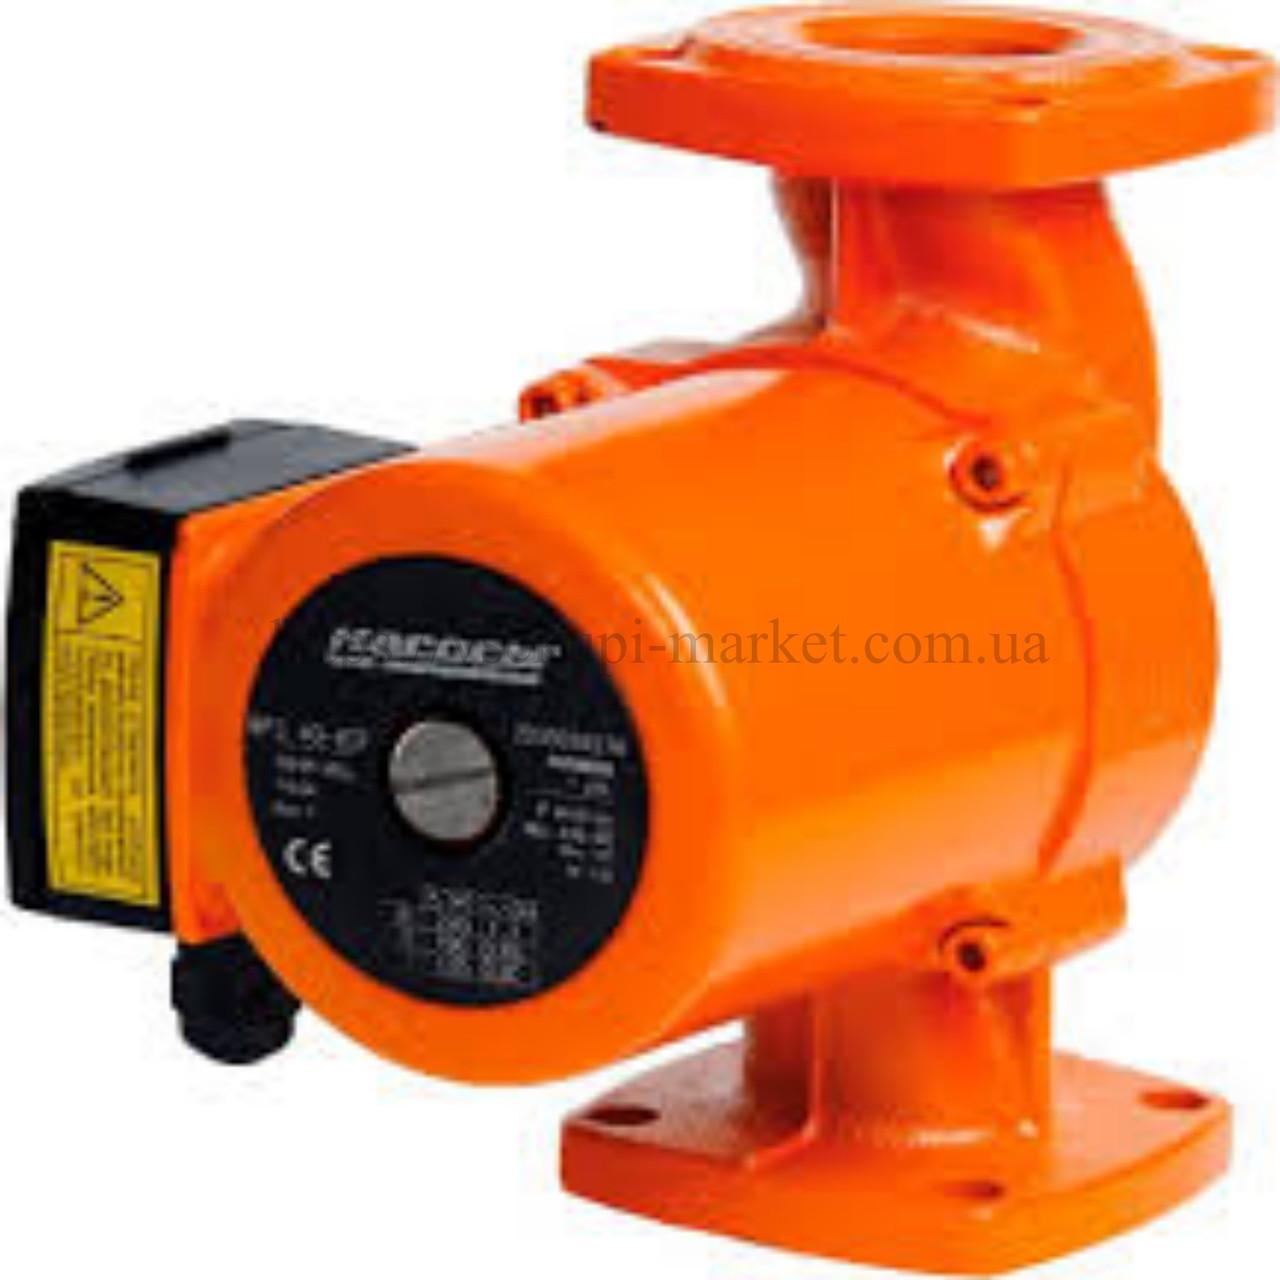 Циркуляционный насос Насосы+ BPS 40-8SF-200, присоединительный комплект